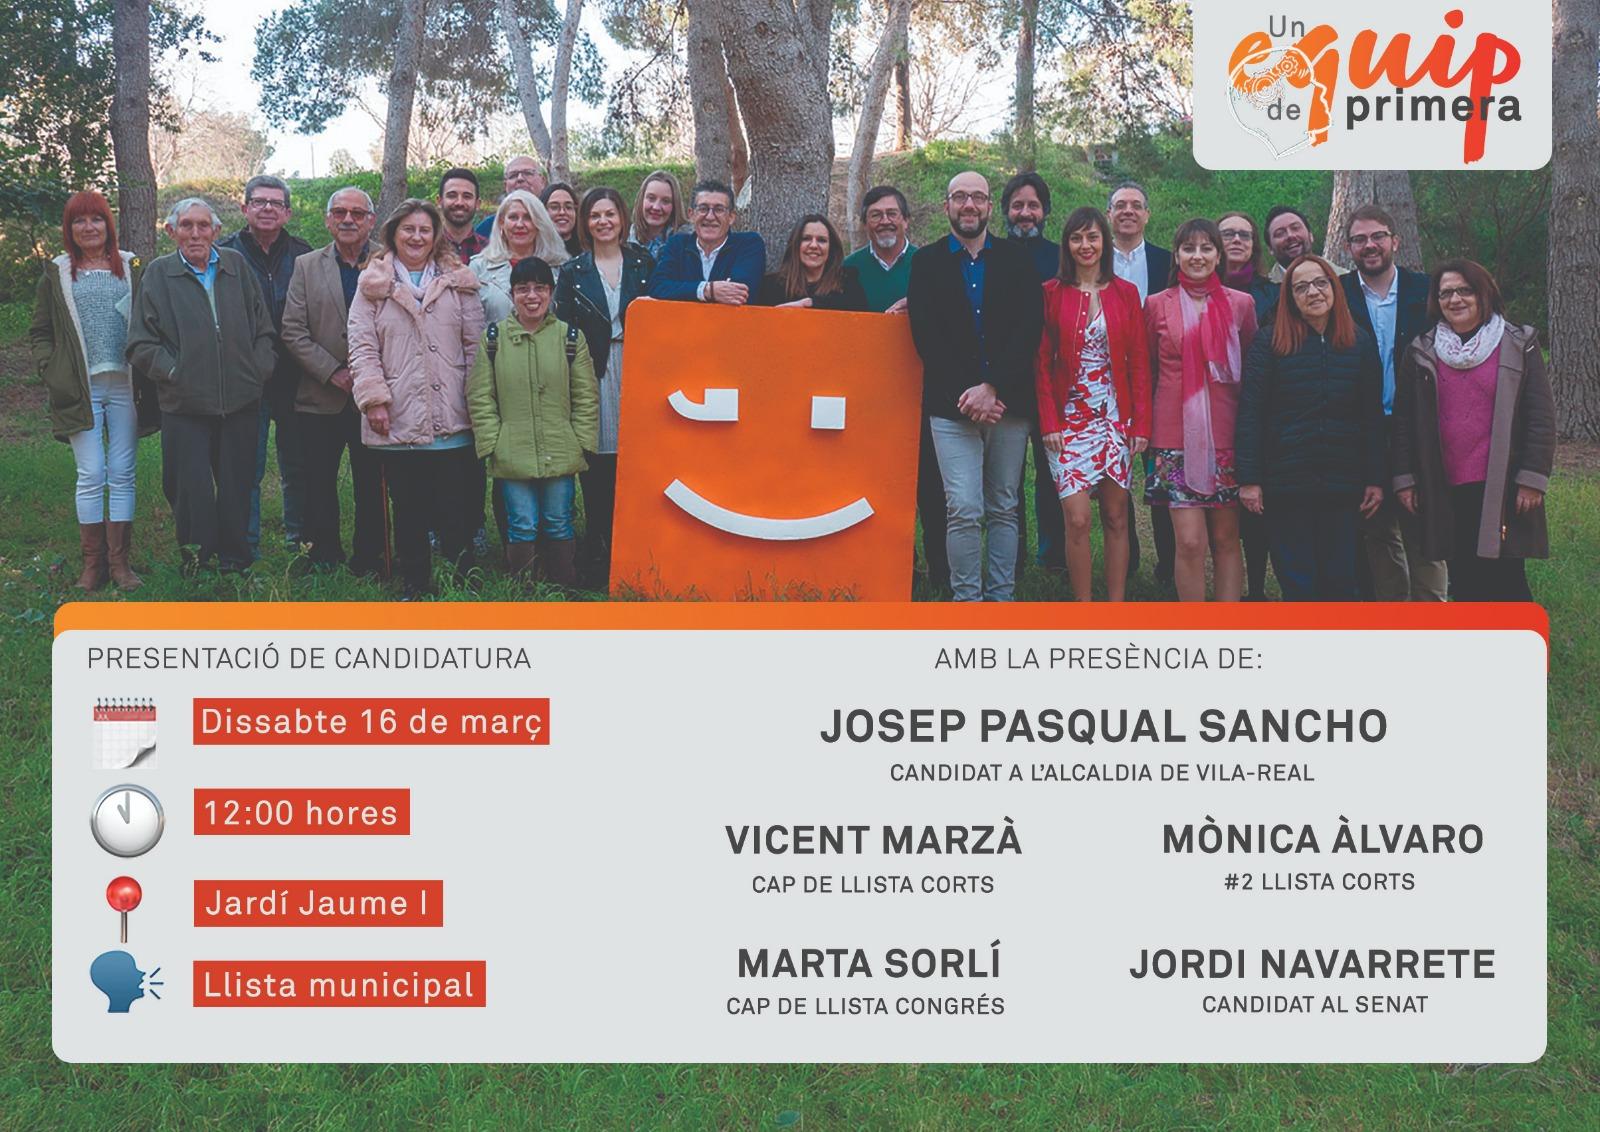 Marzà, Sorlí, Àlvaro y Navarrete se suman a la presentación oficial de candidatura de Compromís per Vila-real este sábado